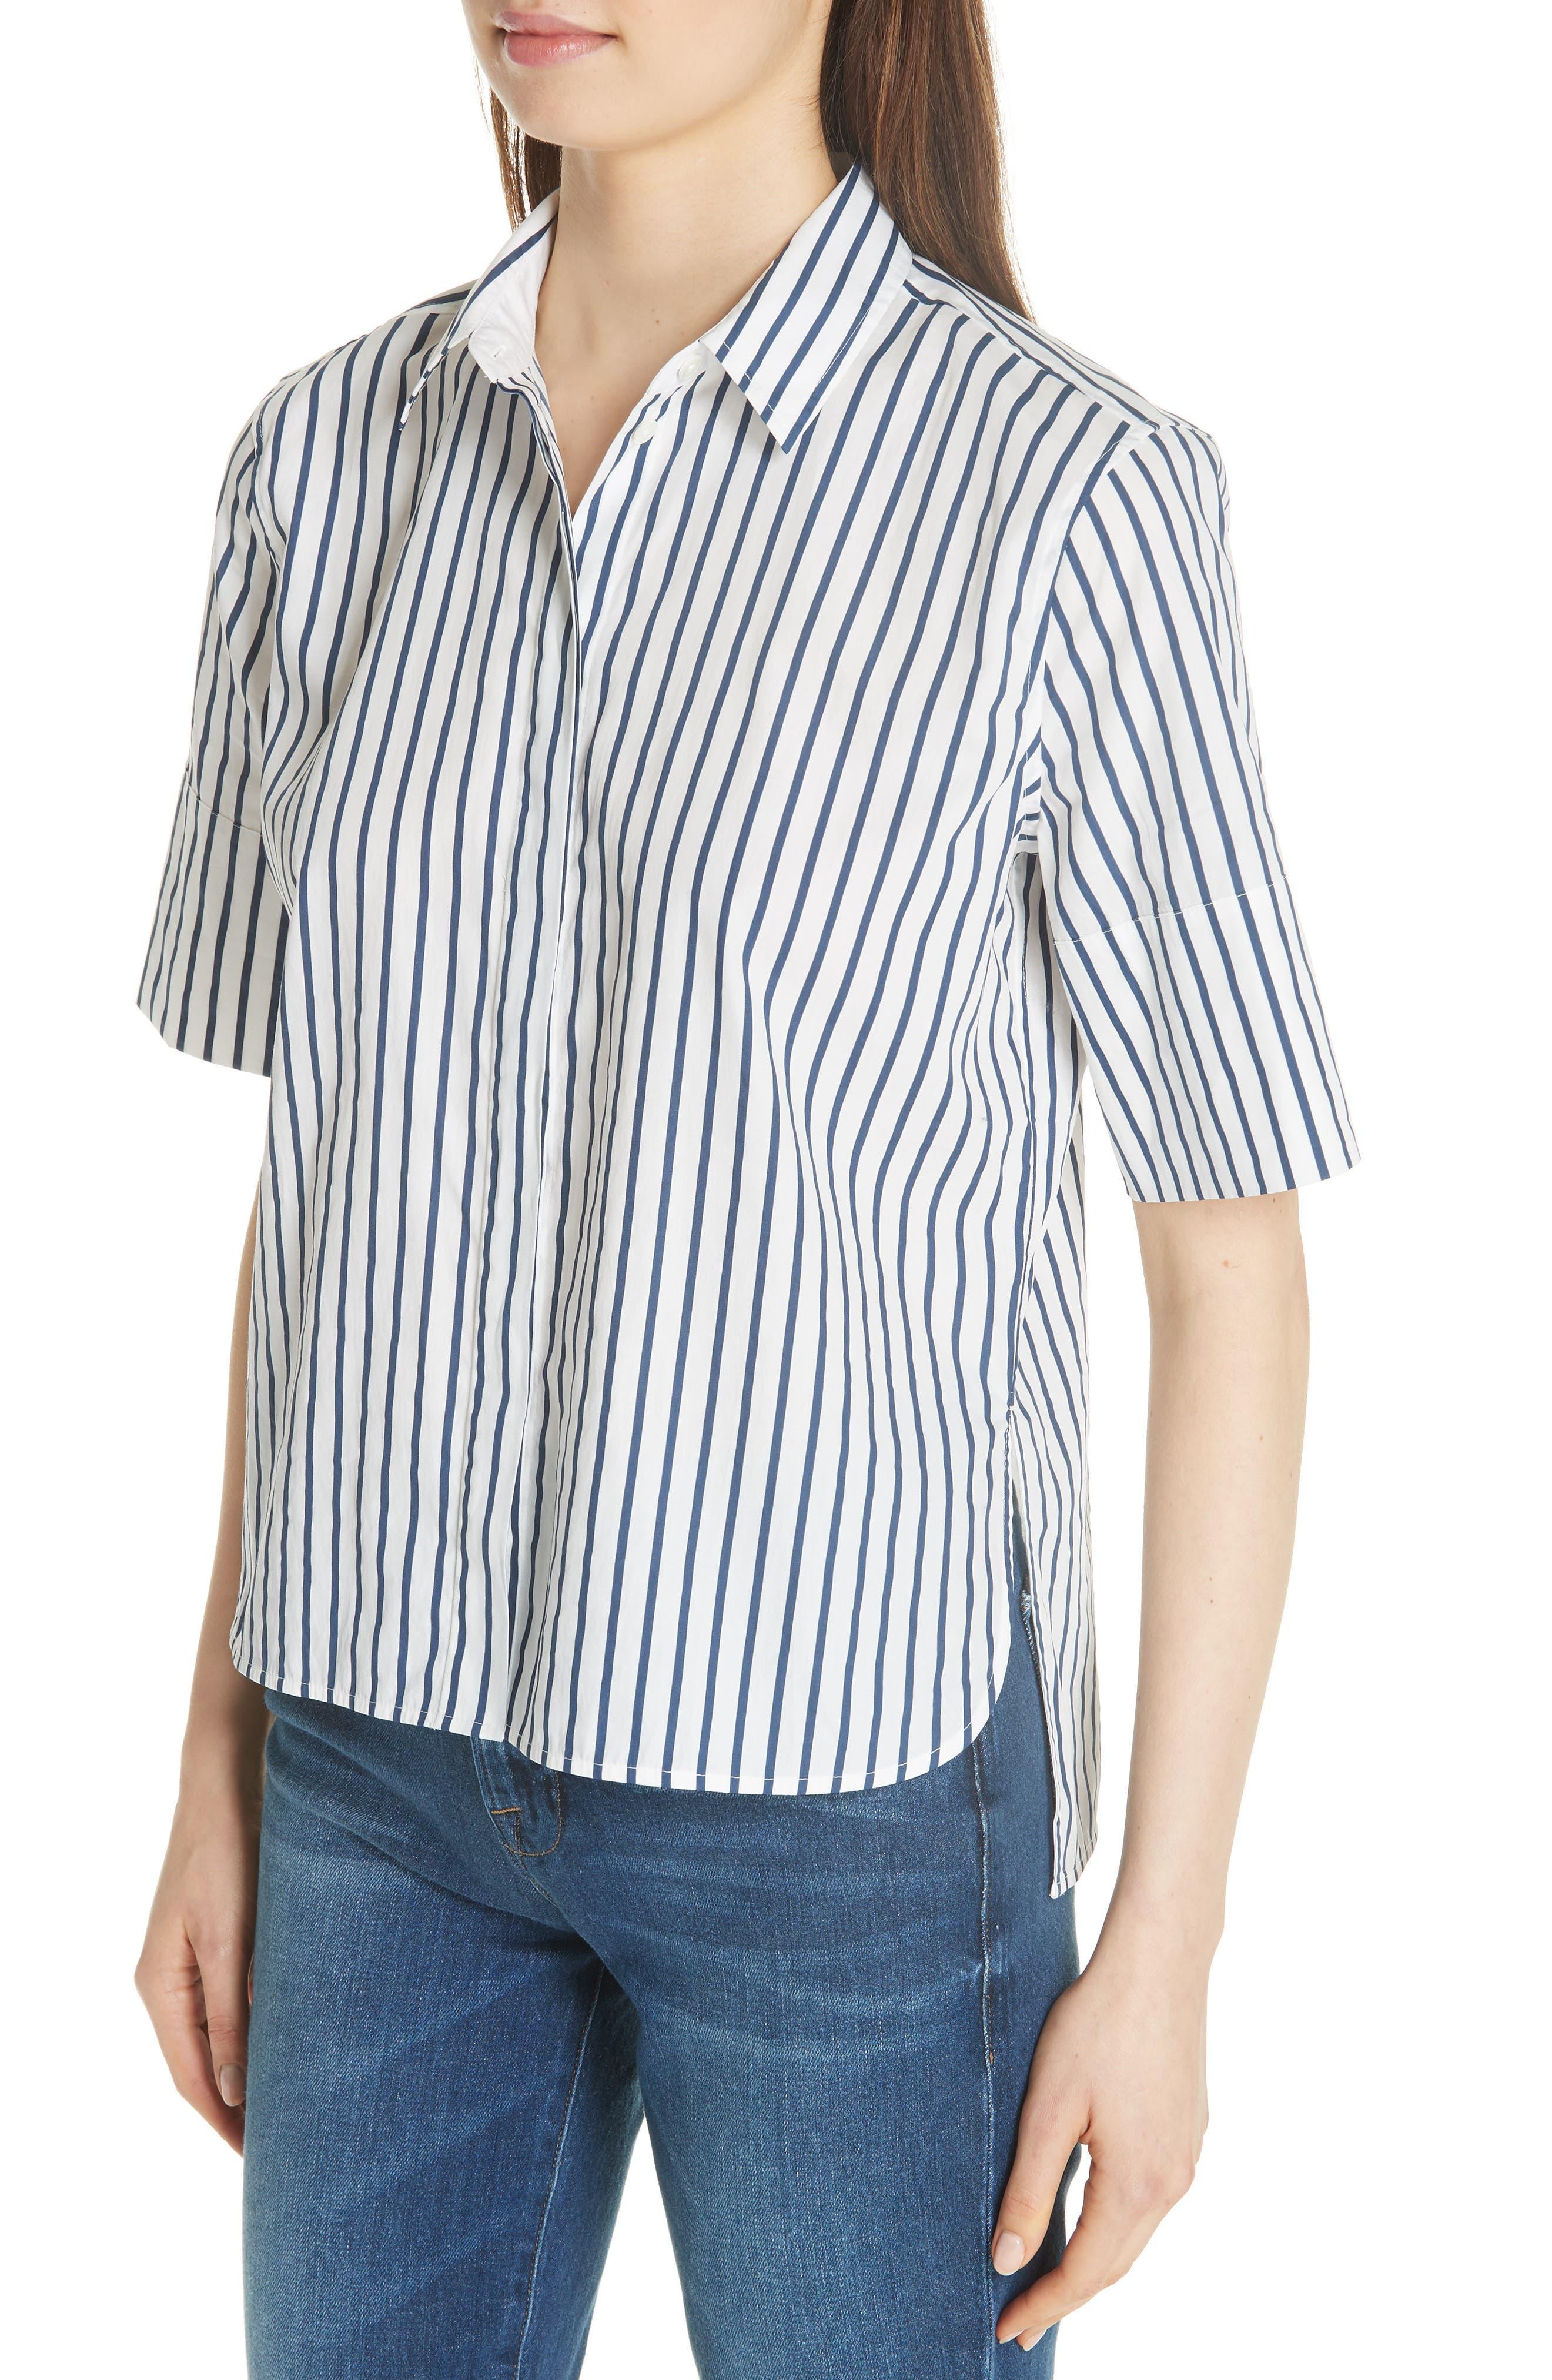 Paulette Short Sleeve Cotton Top,                             Alternate thumbnail 4, color,                             ECLIPSE/ BRIGHT WHITE